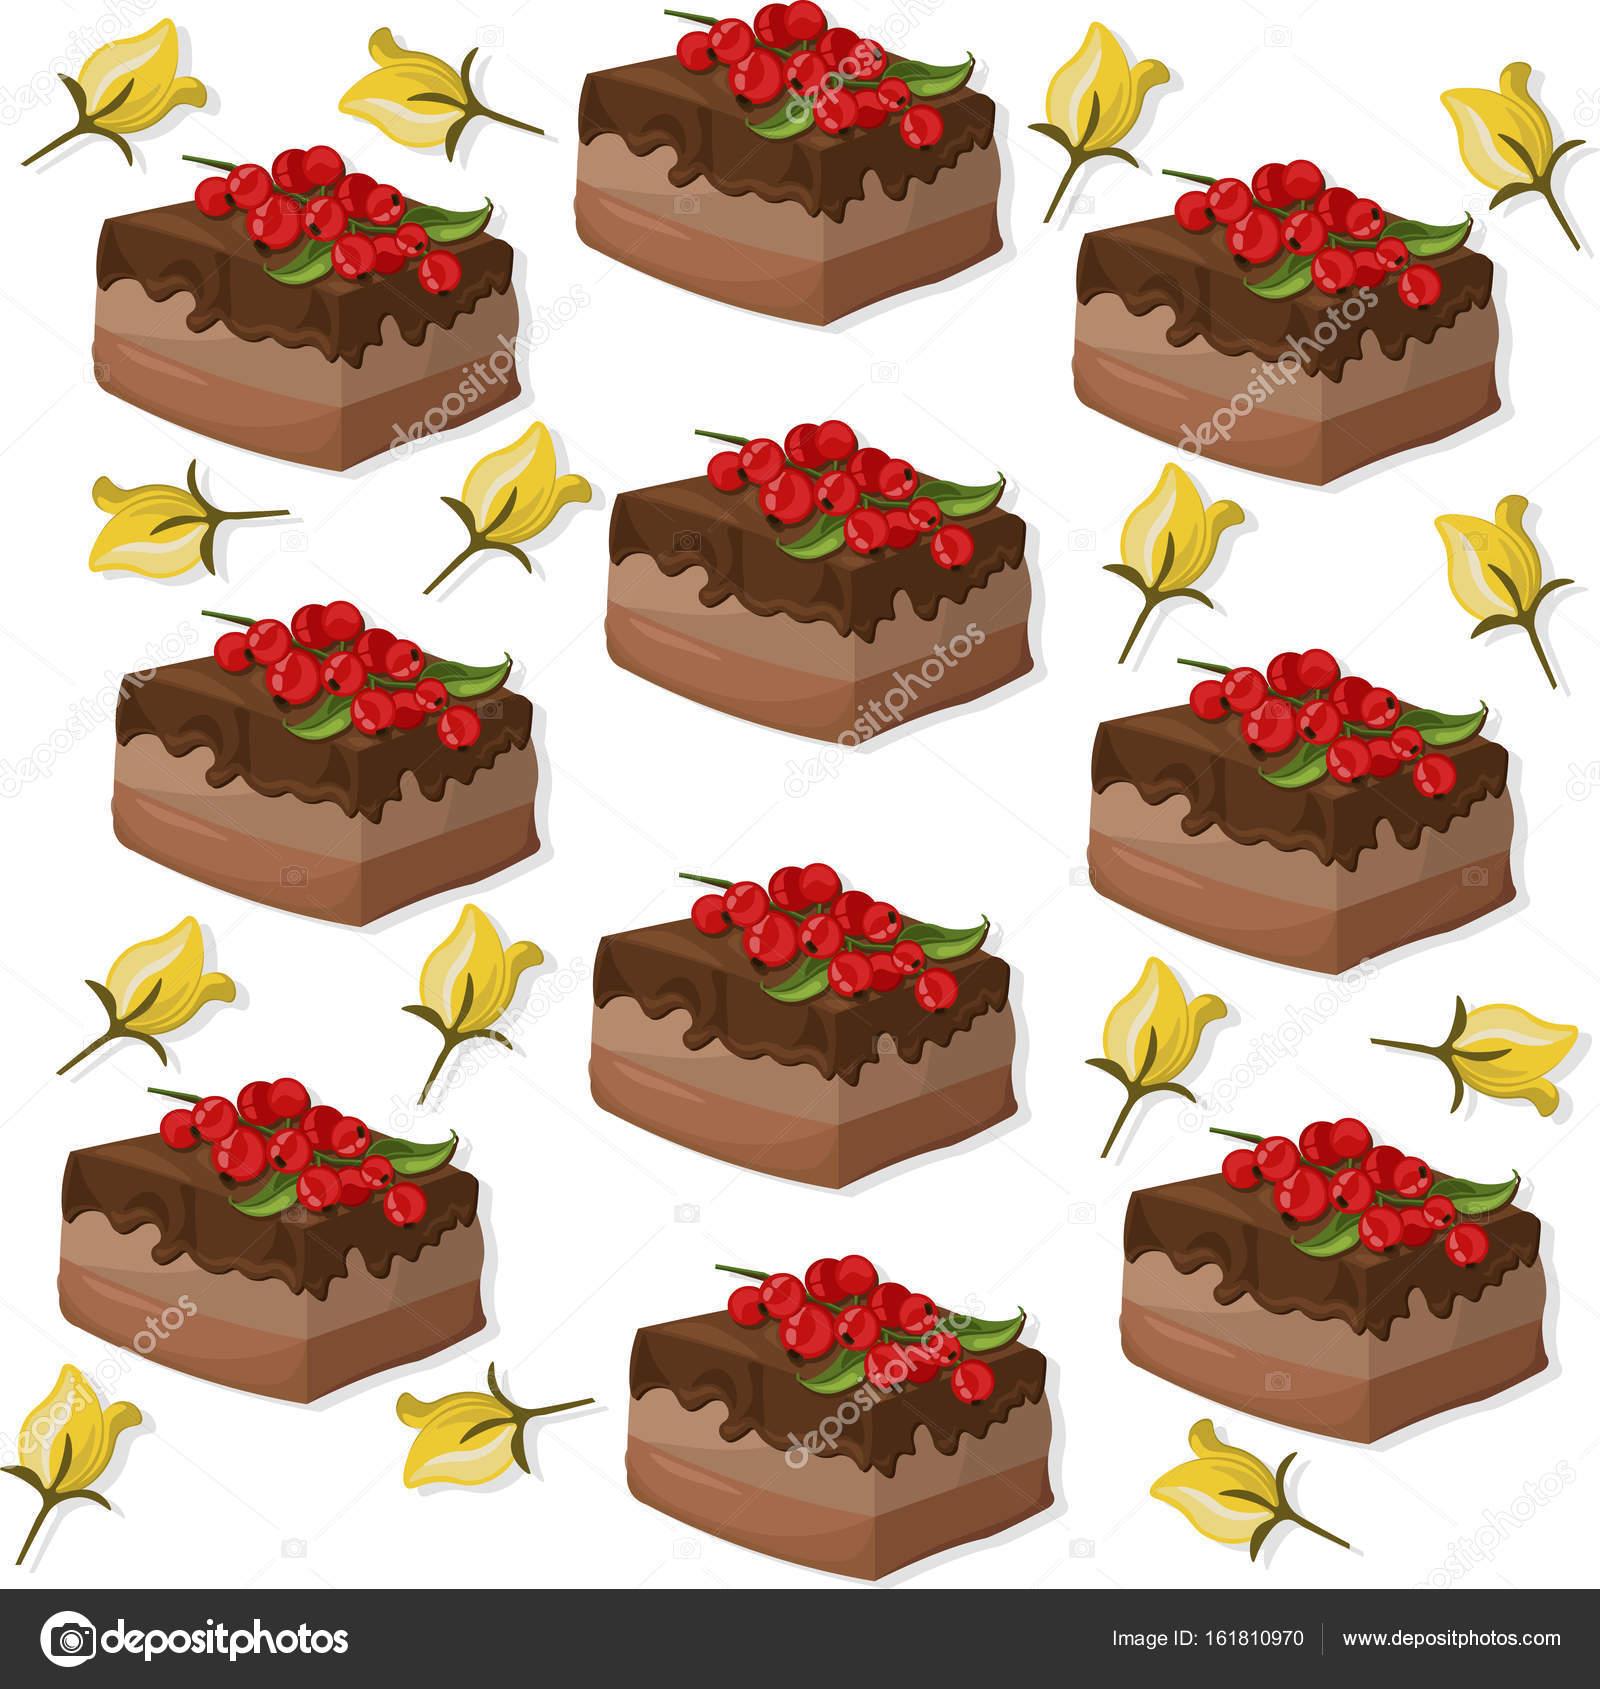 kuchen muster auf weiem hintergrund vektor illustration stockvektor - Kuchen Muster